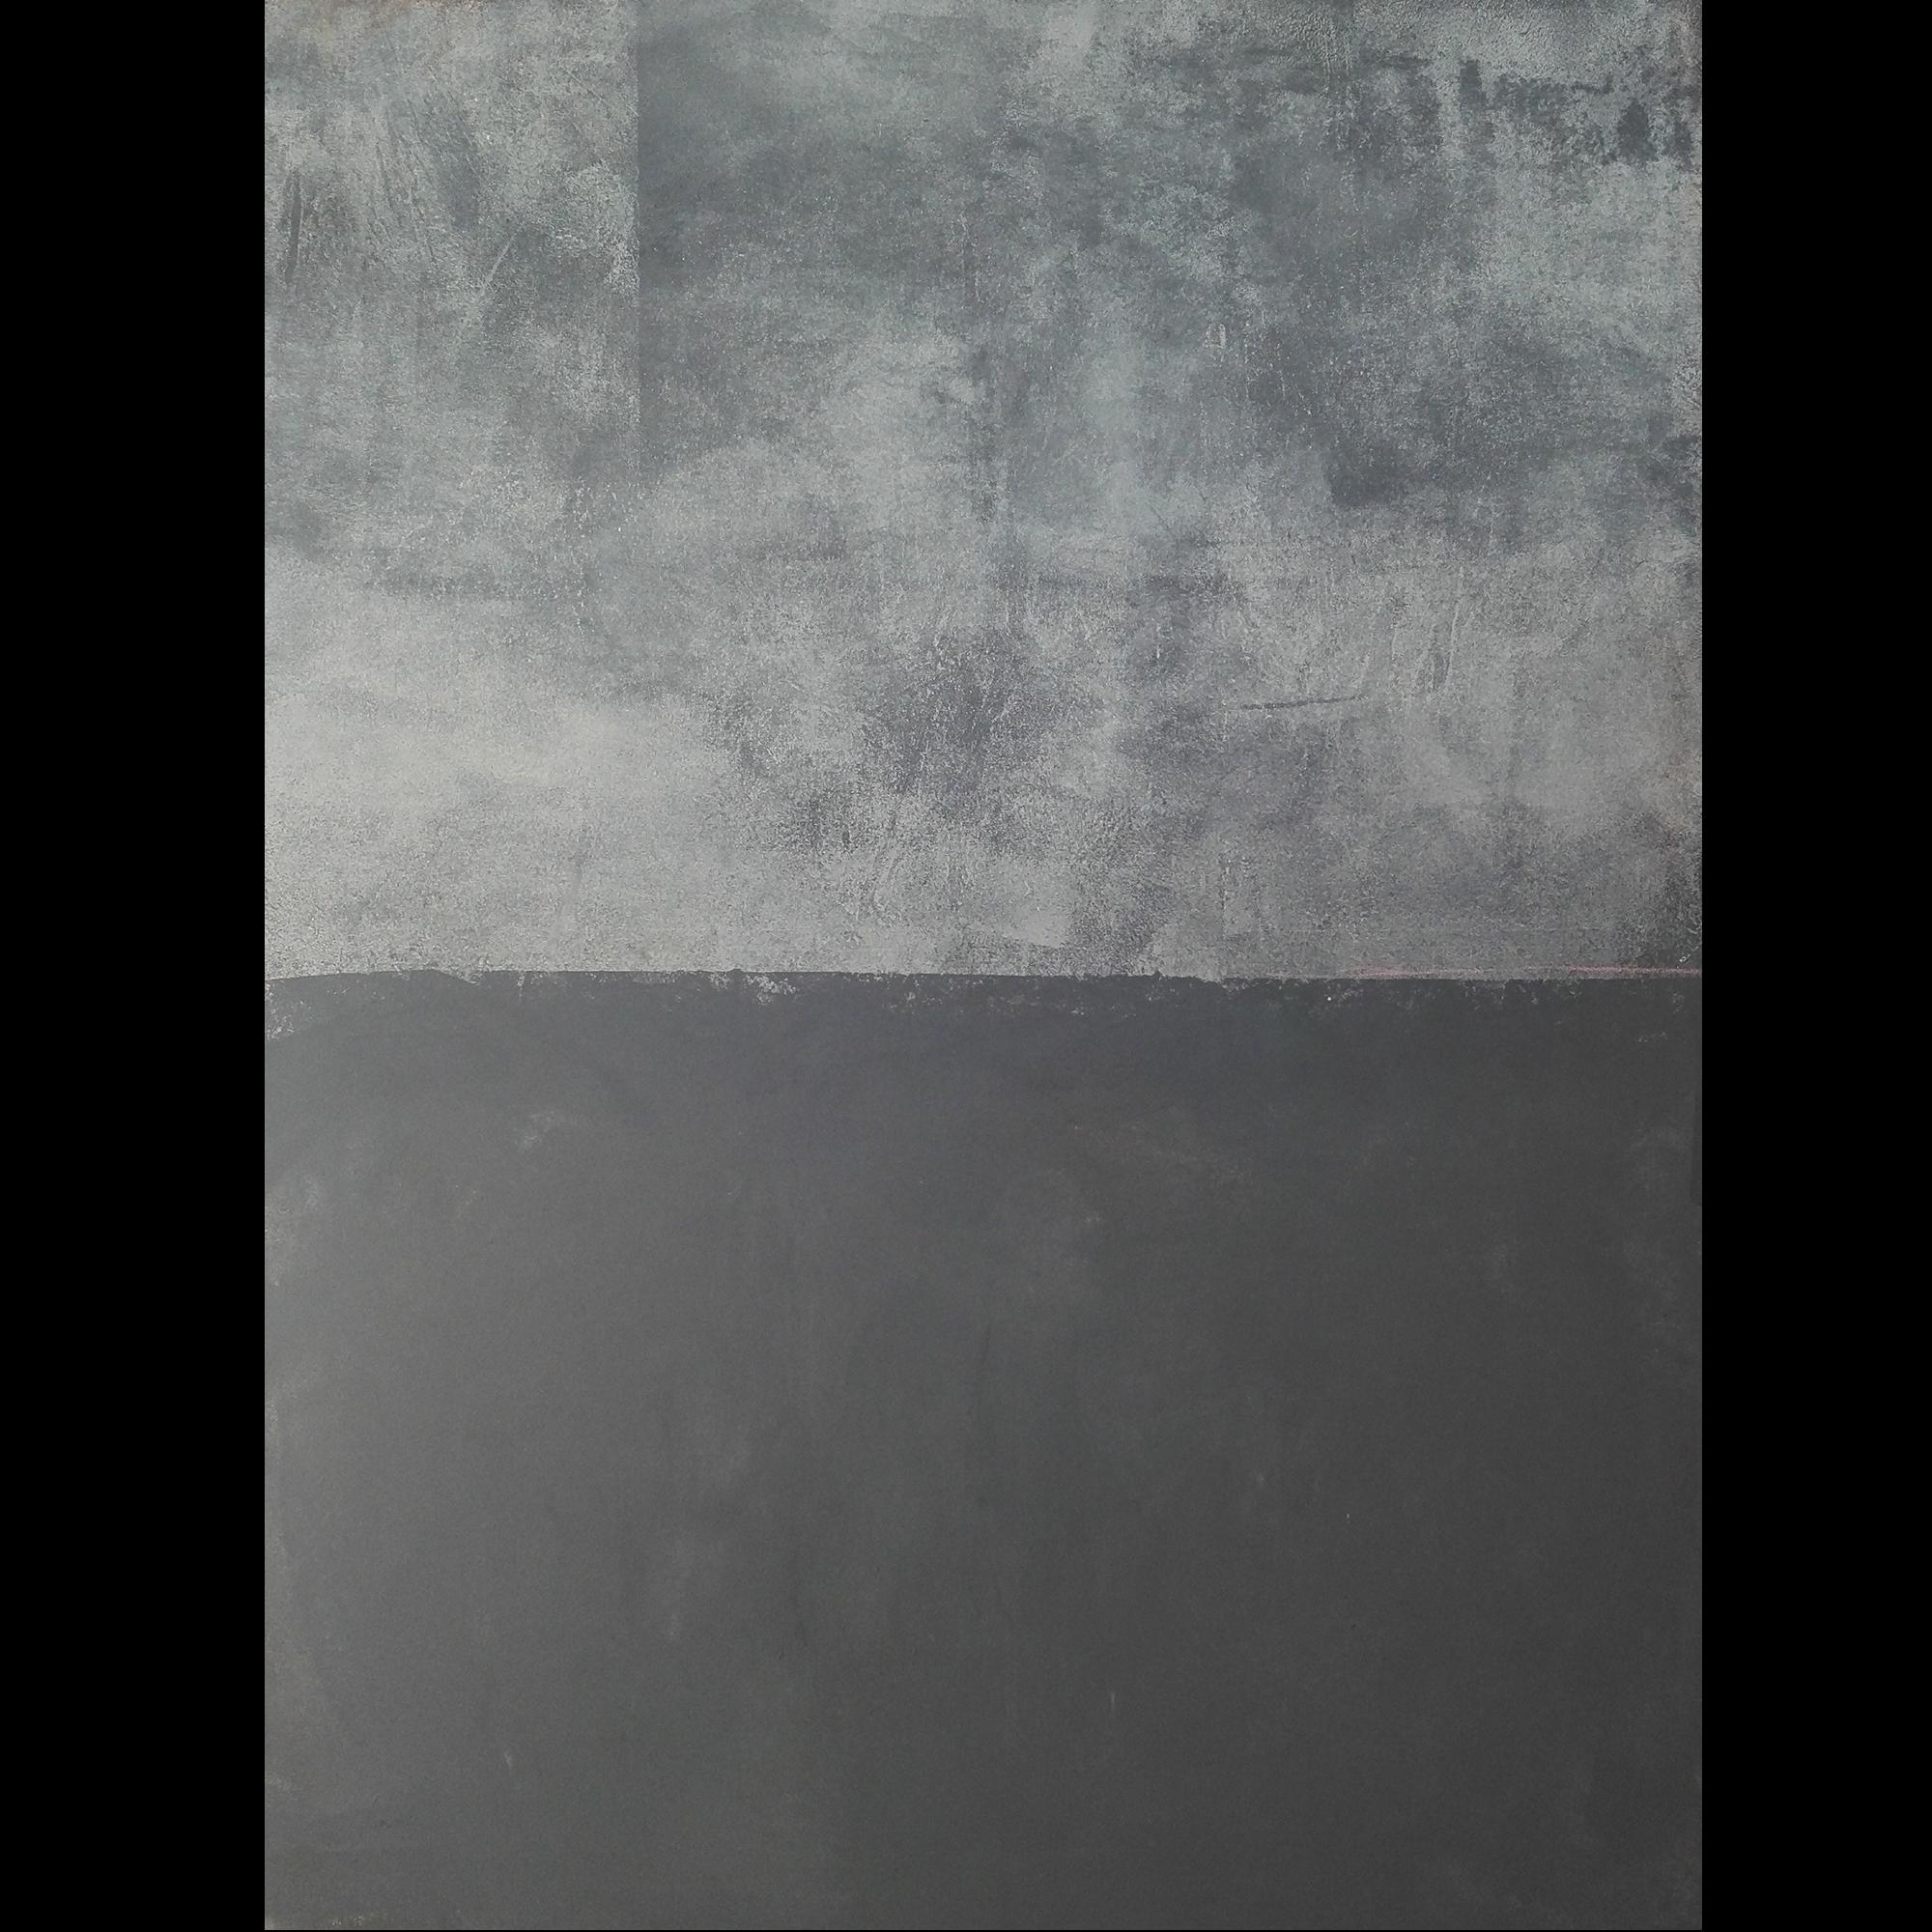 Keith Roberts, Event Horizon III, 2018